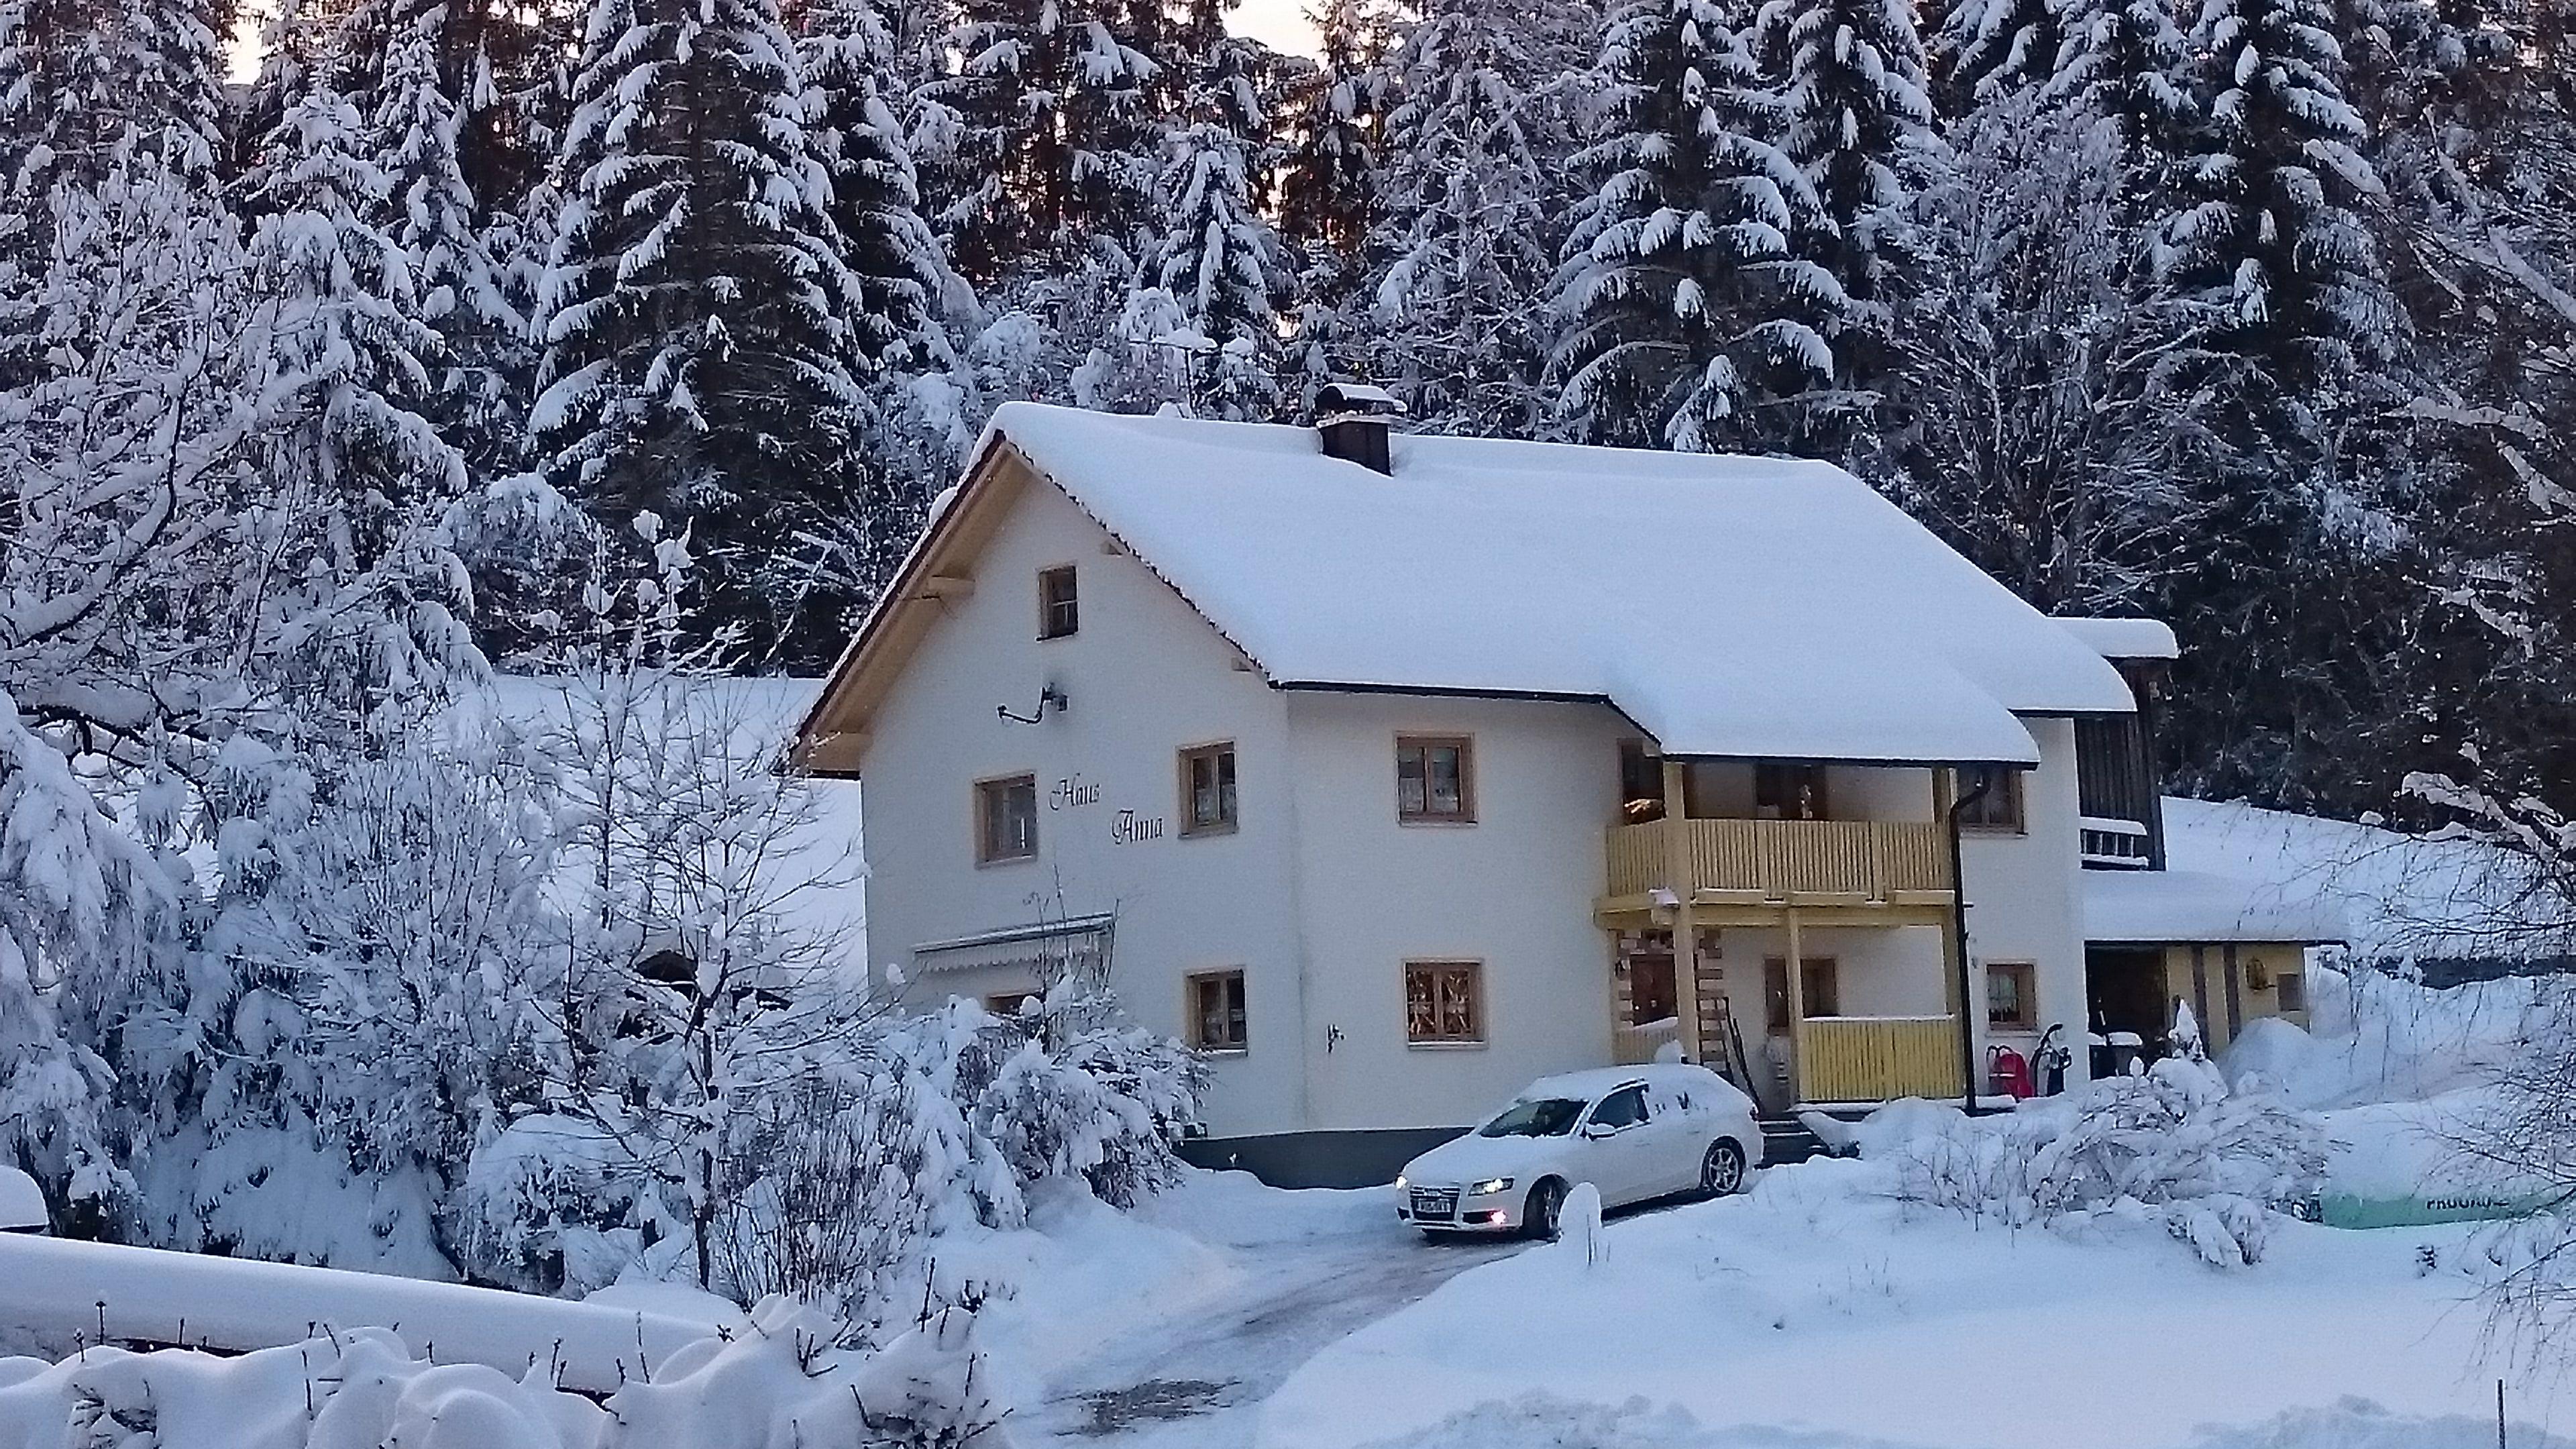 ferienhaus anna exklusiver urlaub im bayerischen wald. Black Bedroom Furniture Sets. Home Design Ideas